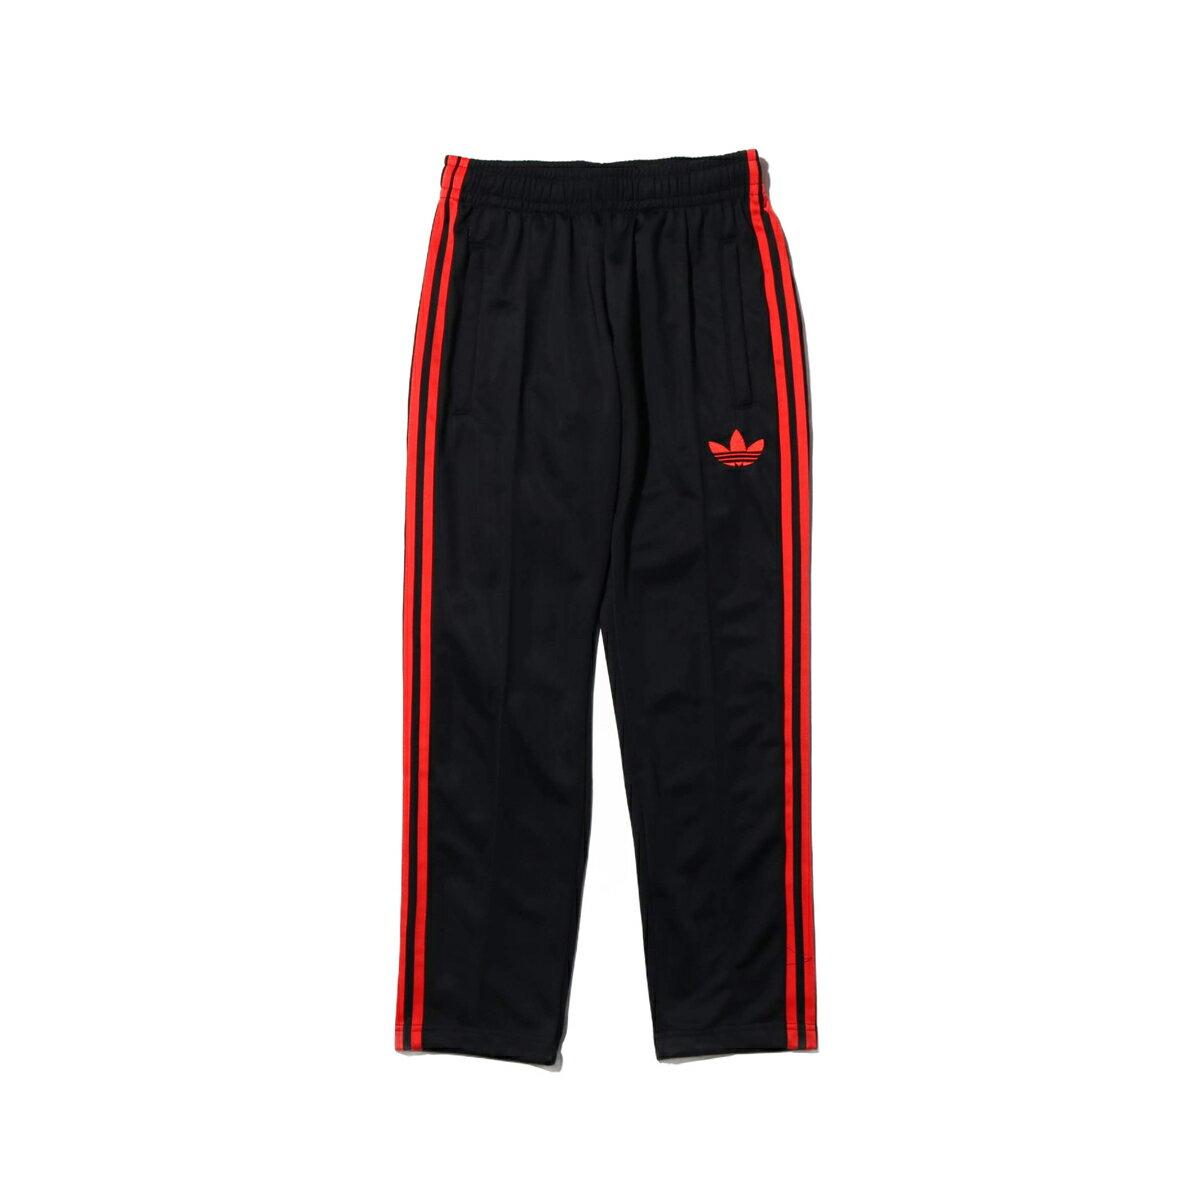 メンズファッション, ズボン・パンツ adidas SST DMC TRACK PANTS(BLACKRED)( DMC )20SS-I